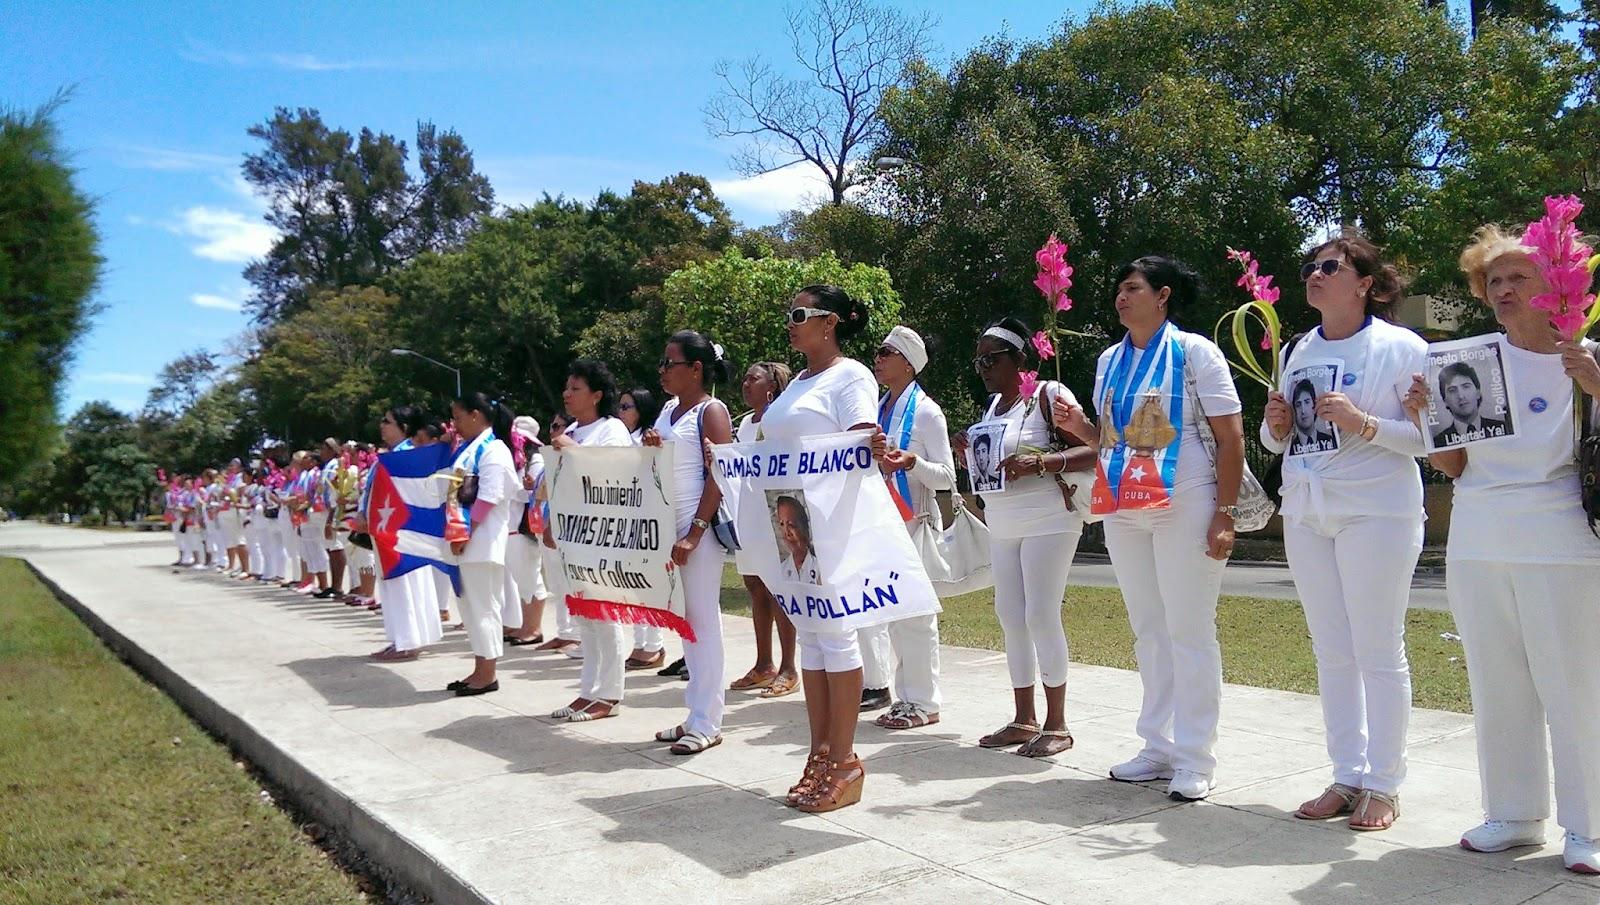 Chi sono le Damas Blancas: la protesta femminile contro Fidel Castro che divide l'opinione pubblica